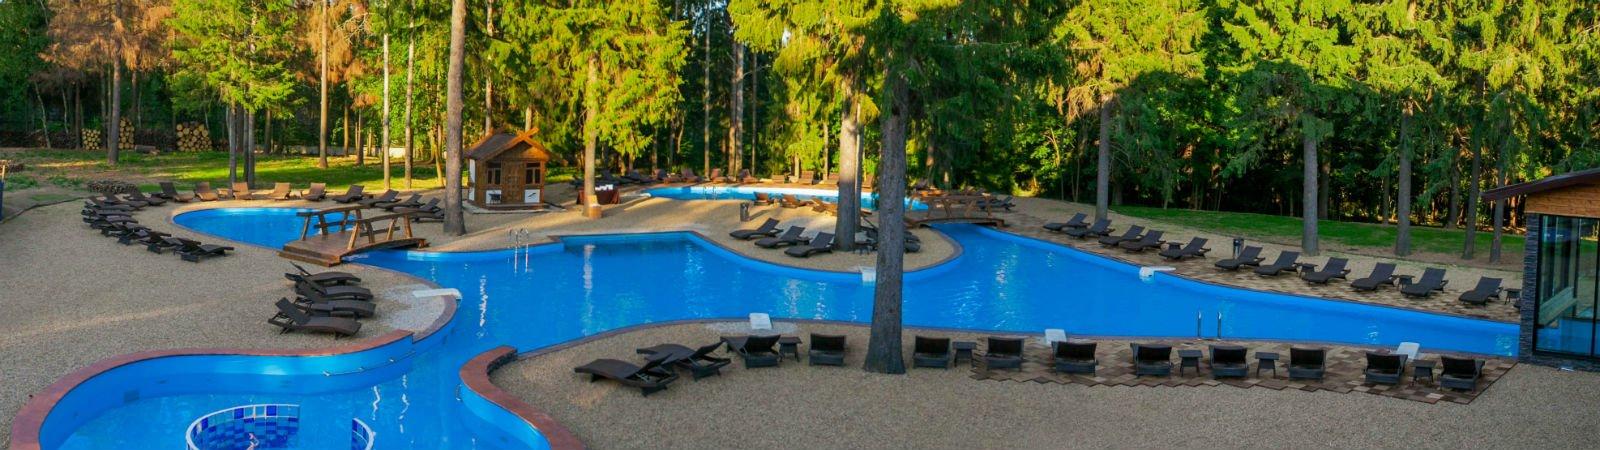 Отель солнечный москва официальный сайт